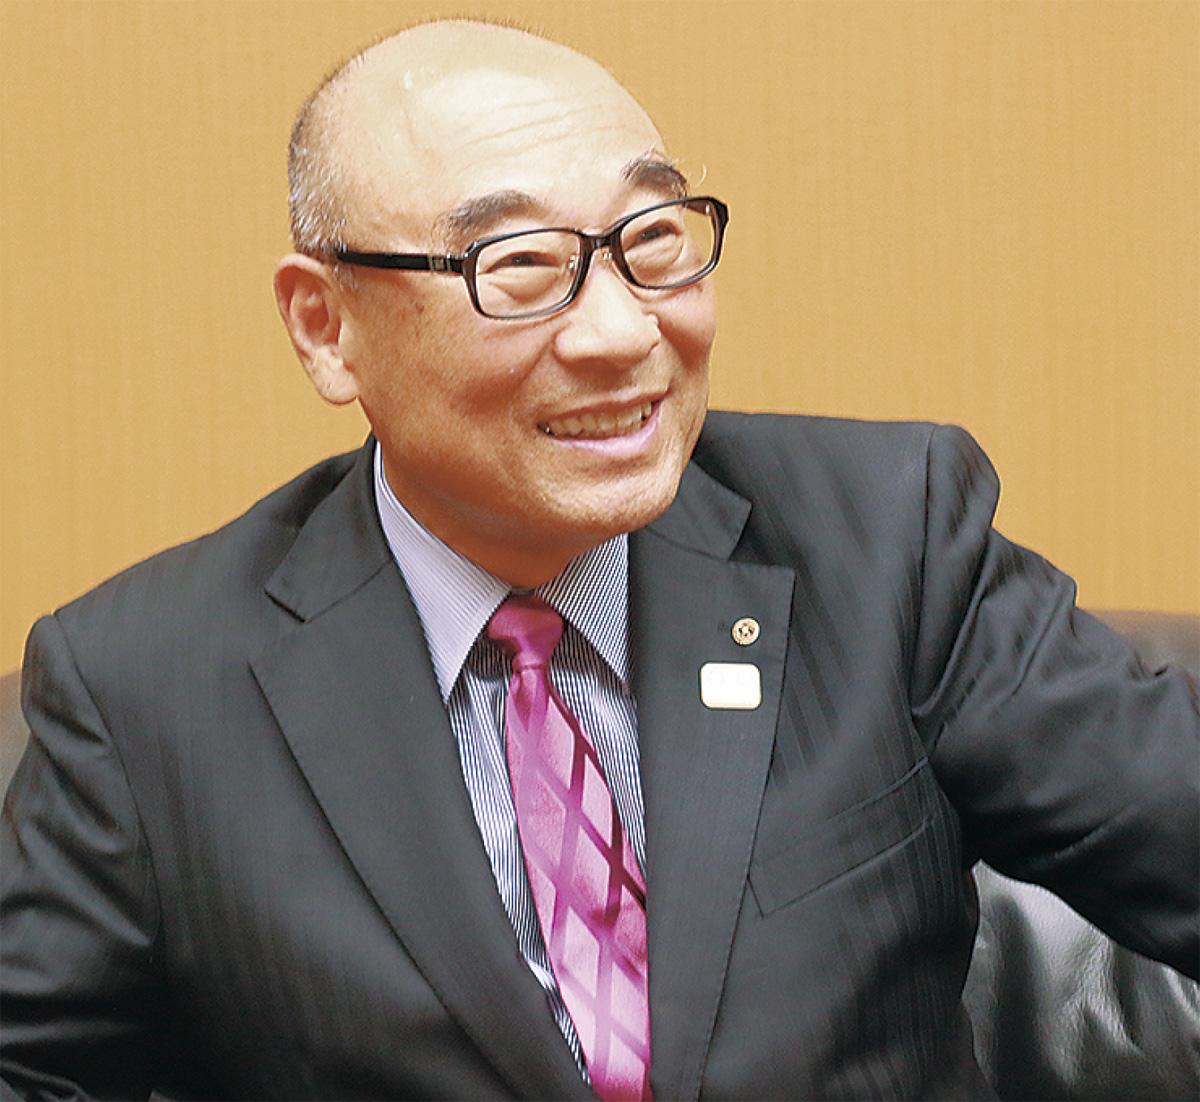 インタビューに答える中村幹夫会頭